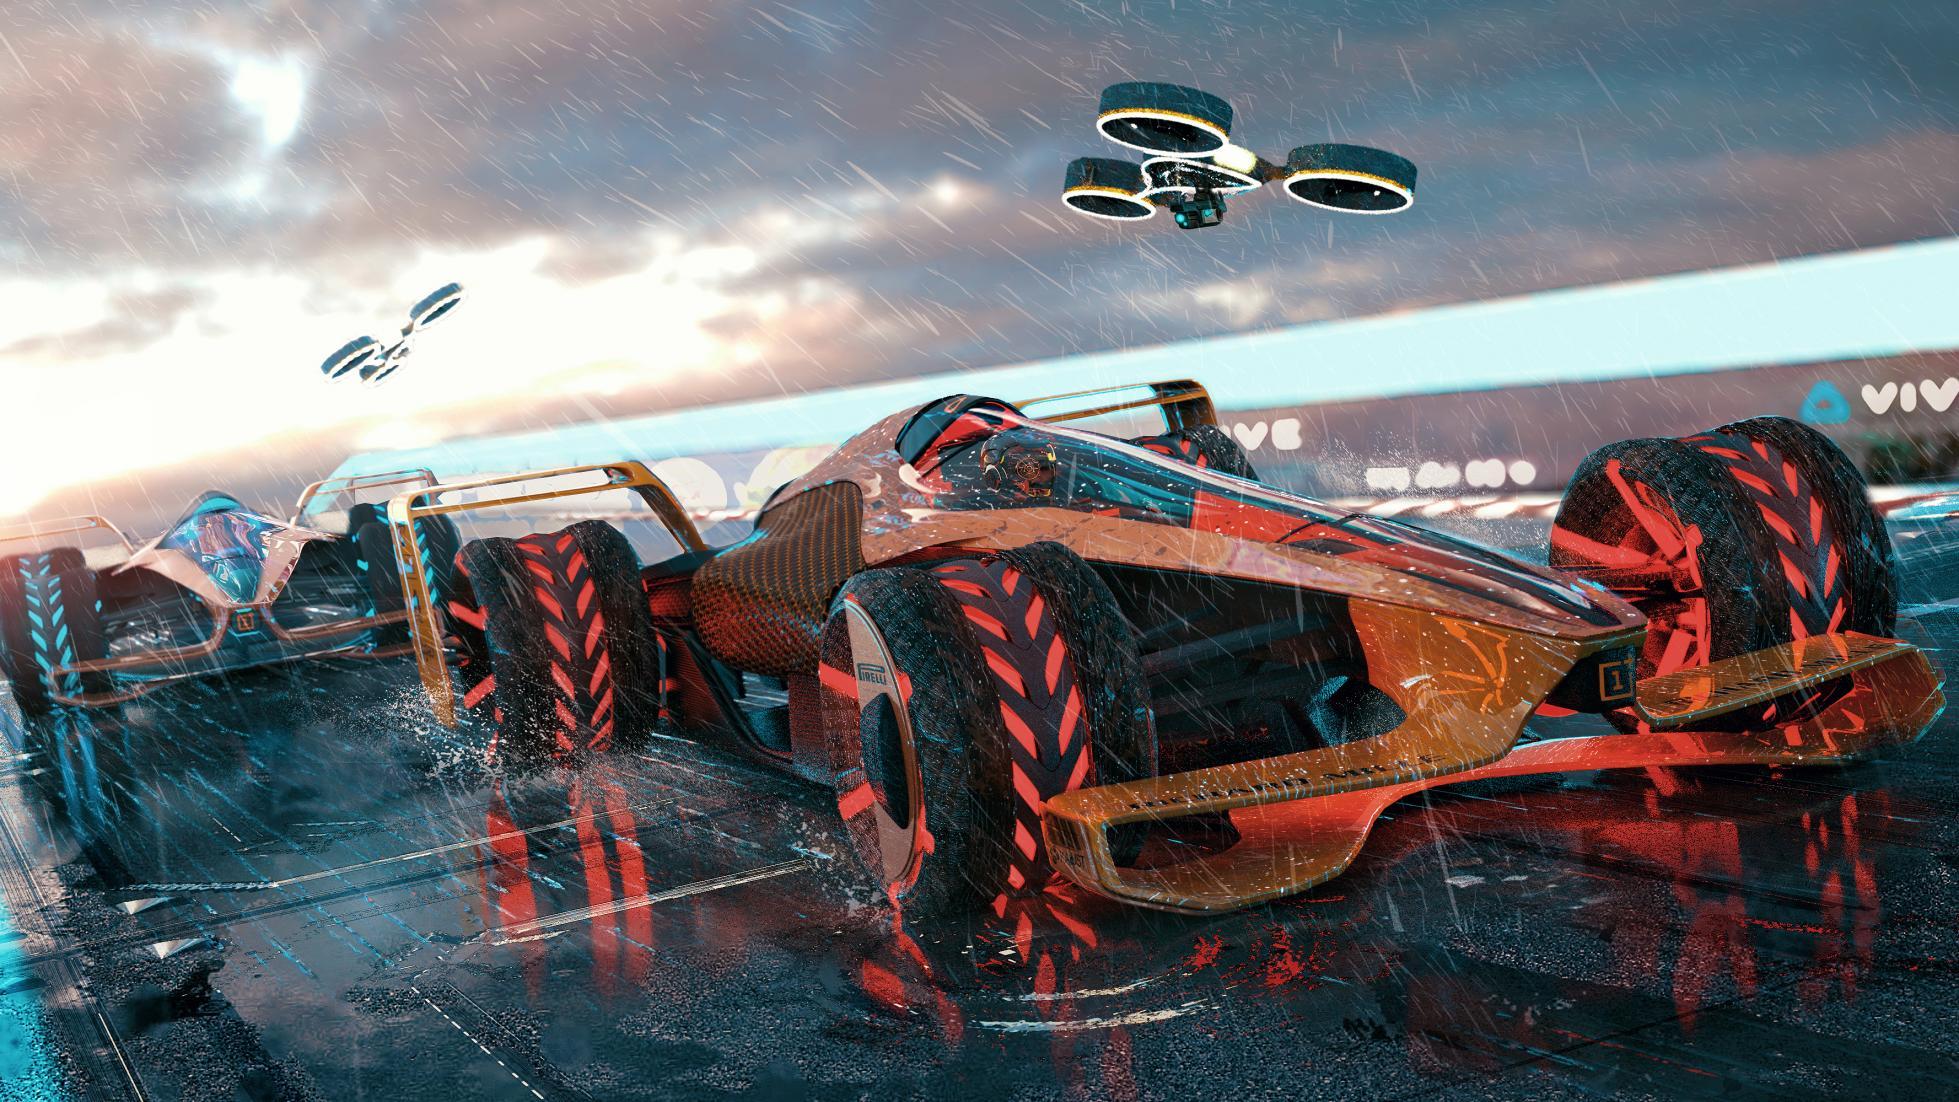 mclaren-2050-formula-1-car-2.jpg